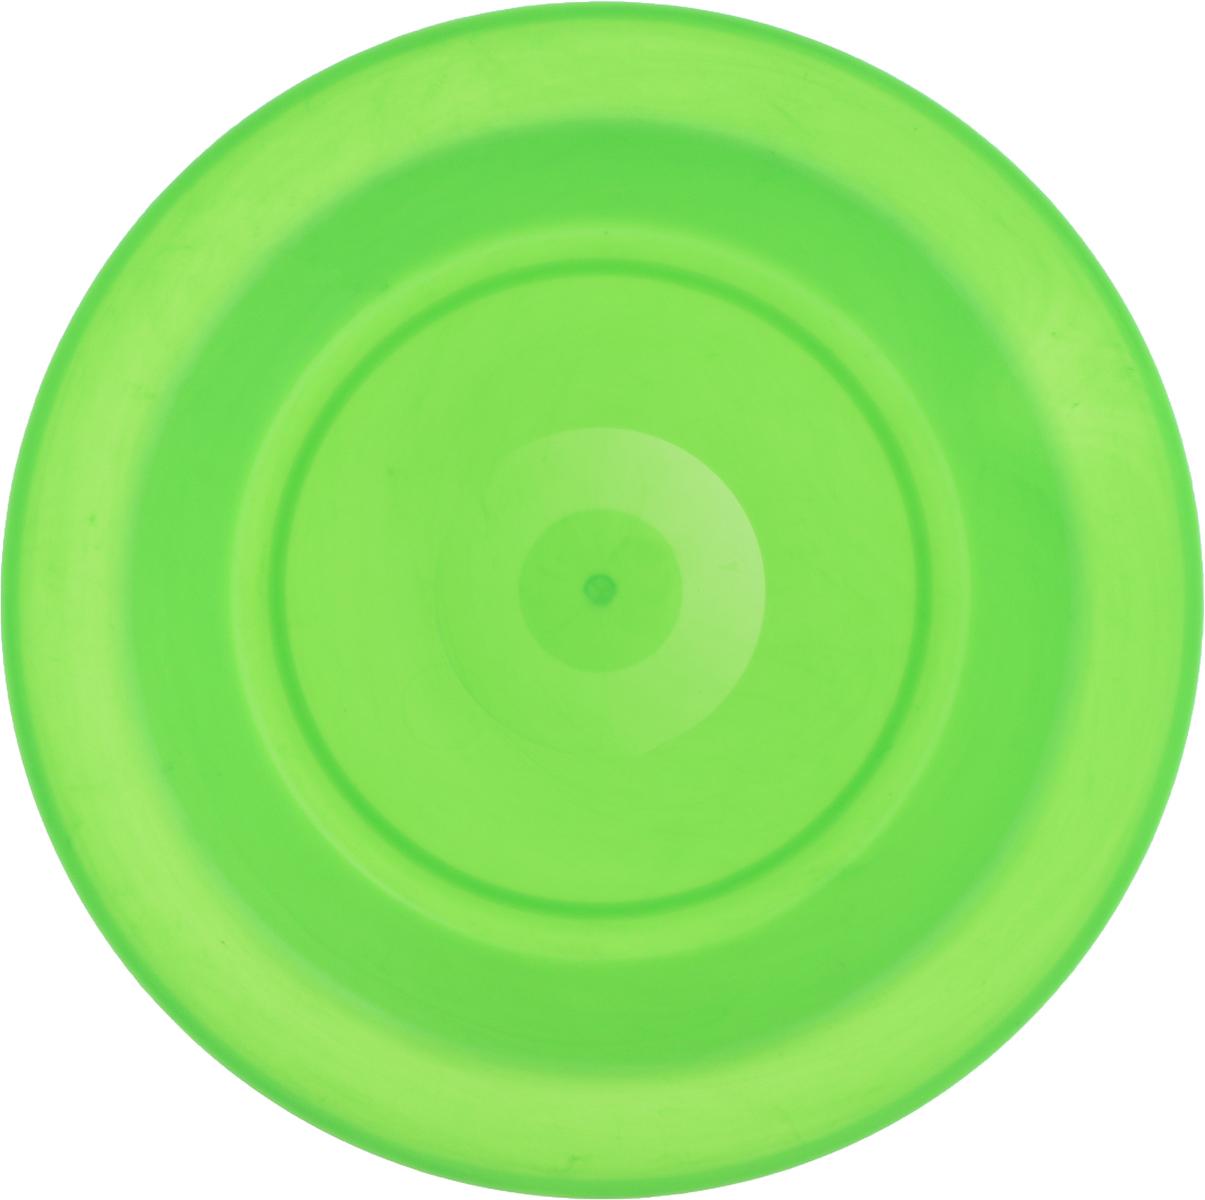 Тарелка Gotoff, цвет: зеленый, диаметр 21 смWTC-803Тарелка Gotoff изготовлена из цветного пищевого пластика и предназначена для холодной и горячей пищи. Выдерживает температурный режим в пределах от -25°С до +110°C. Посуду из пластика можно использовать в микроволновой печи, но необходимо, чтобы нагрев не превышал максимально допустимую температуру. Удобная, легкая и практичная посуда для пикника и дачи поможет сервировать стол без хлопот! Диаметр тарелки (по верхнему краю): 21 см. Высота тарелки: 3 см.